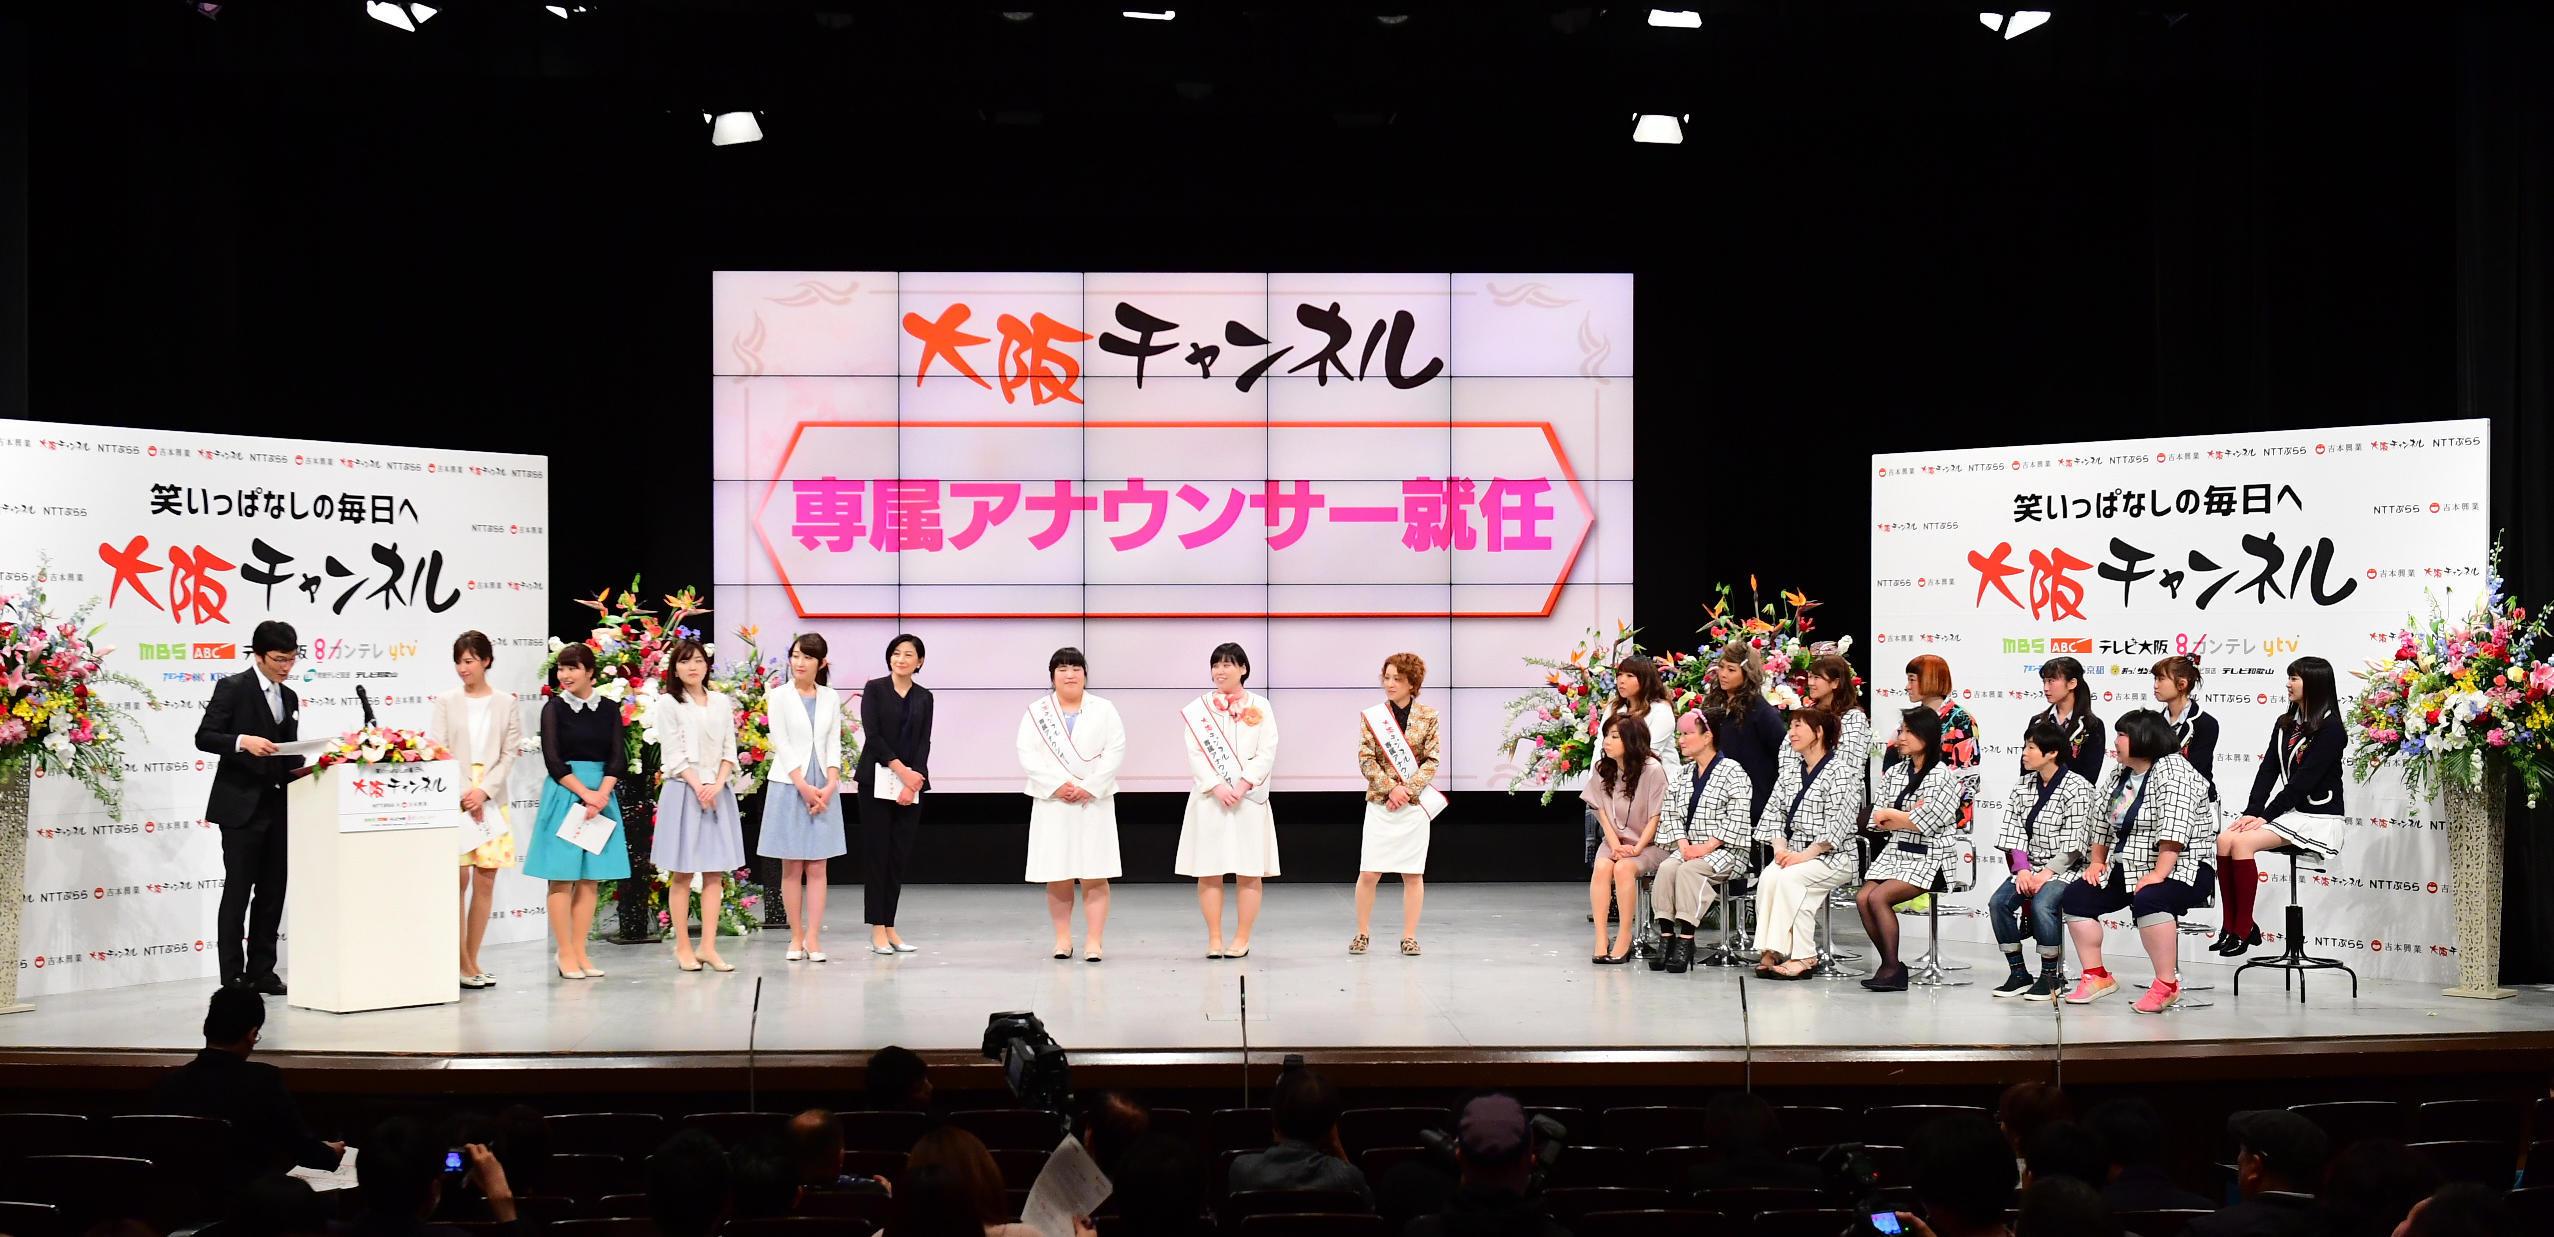 http://news.yoshimoto.co.jp/20170425161252-08f9e4021fa842e669e7e7b0206a1b8cb1165d64.jpg